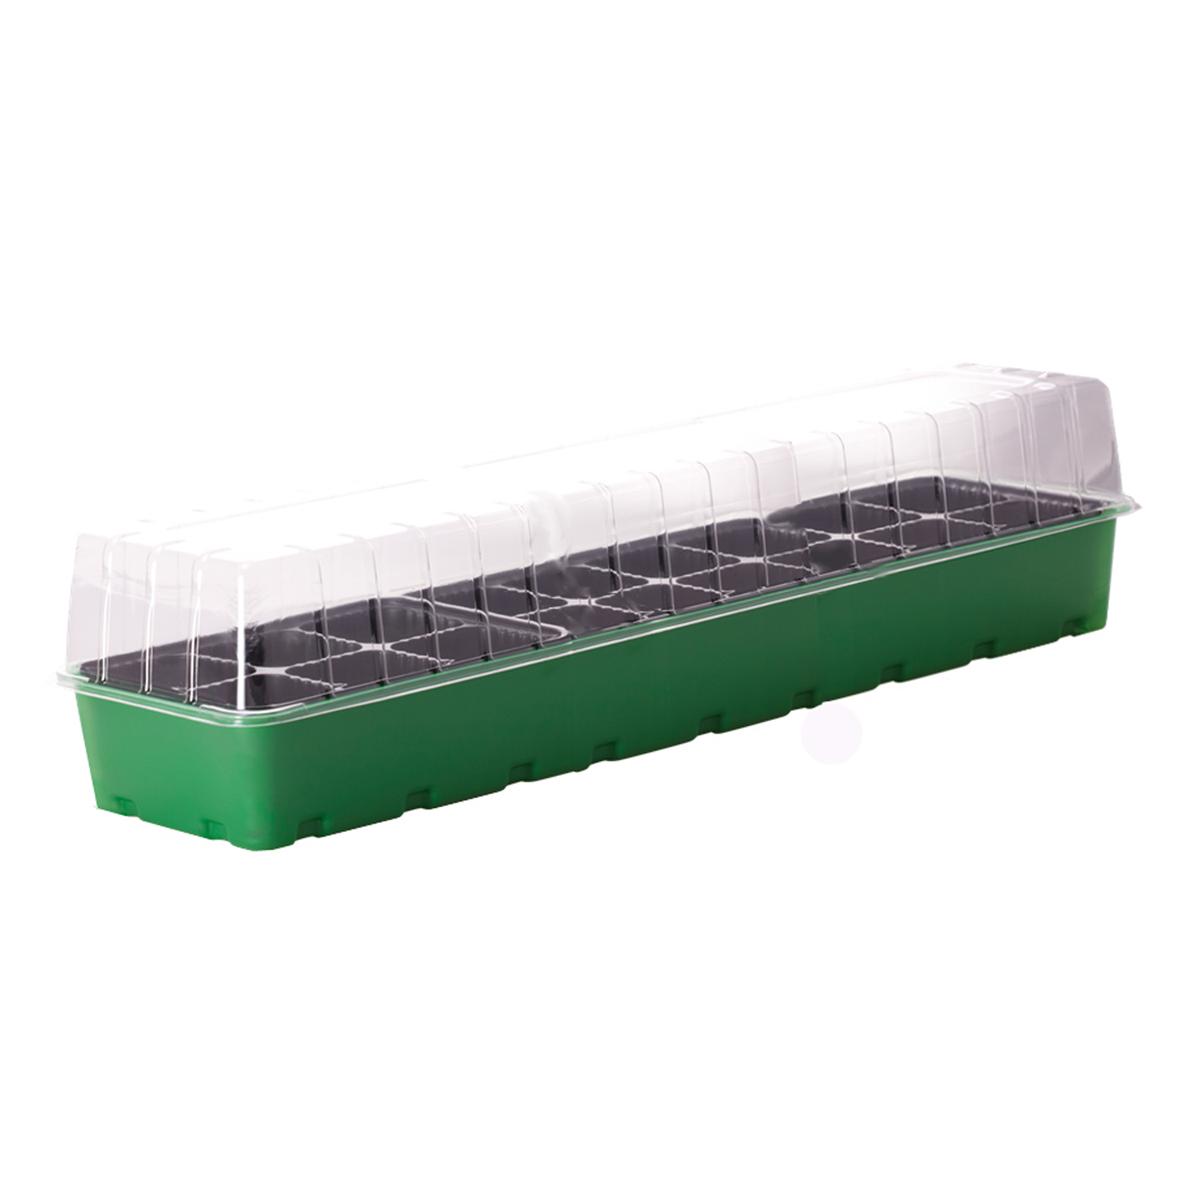 Минипарник для рассады Ingreen, 18 ячеек, 60 х 16 х 13 смING60011FInGreen - компактный и удобный в использовании минипарник. Идеально подходит для выращивания рассады в домашних условиях. В комплекте: форма с ячейками под рассаду, поддон для стока лишней воды при поливе и крышка для создания благоприятного микроклимата для быстрой всхожести и роста рассады. Размер изделия: 60 х 16 х 13 см.